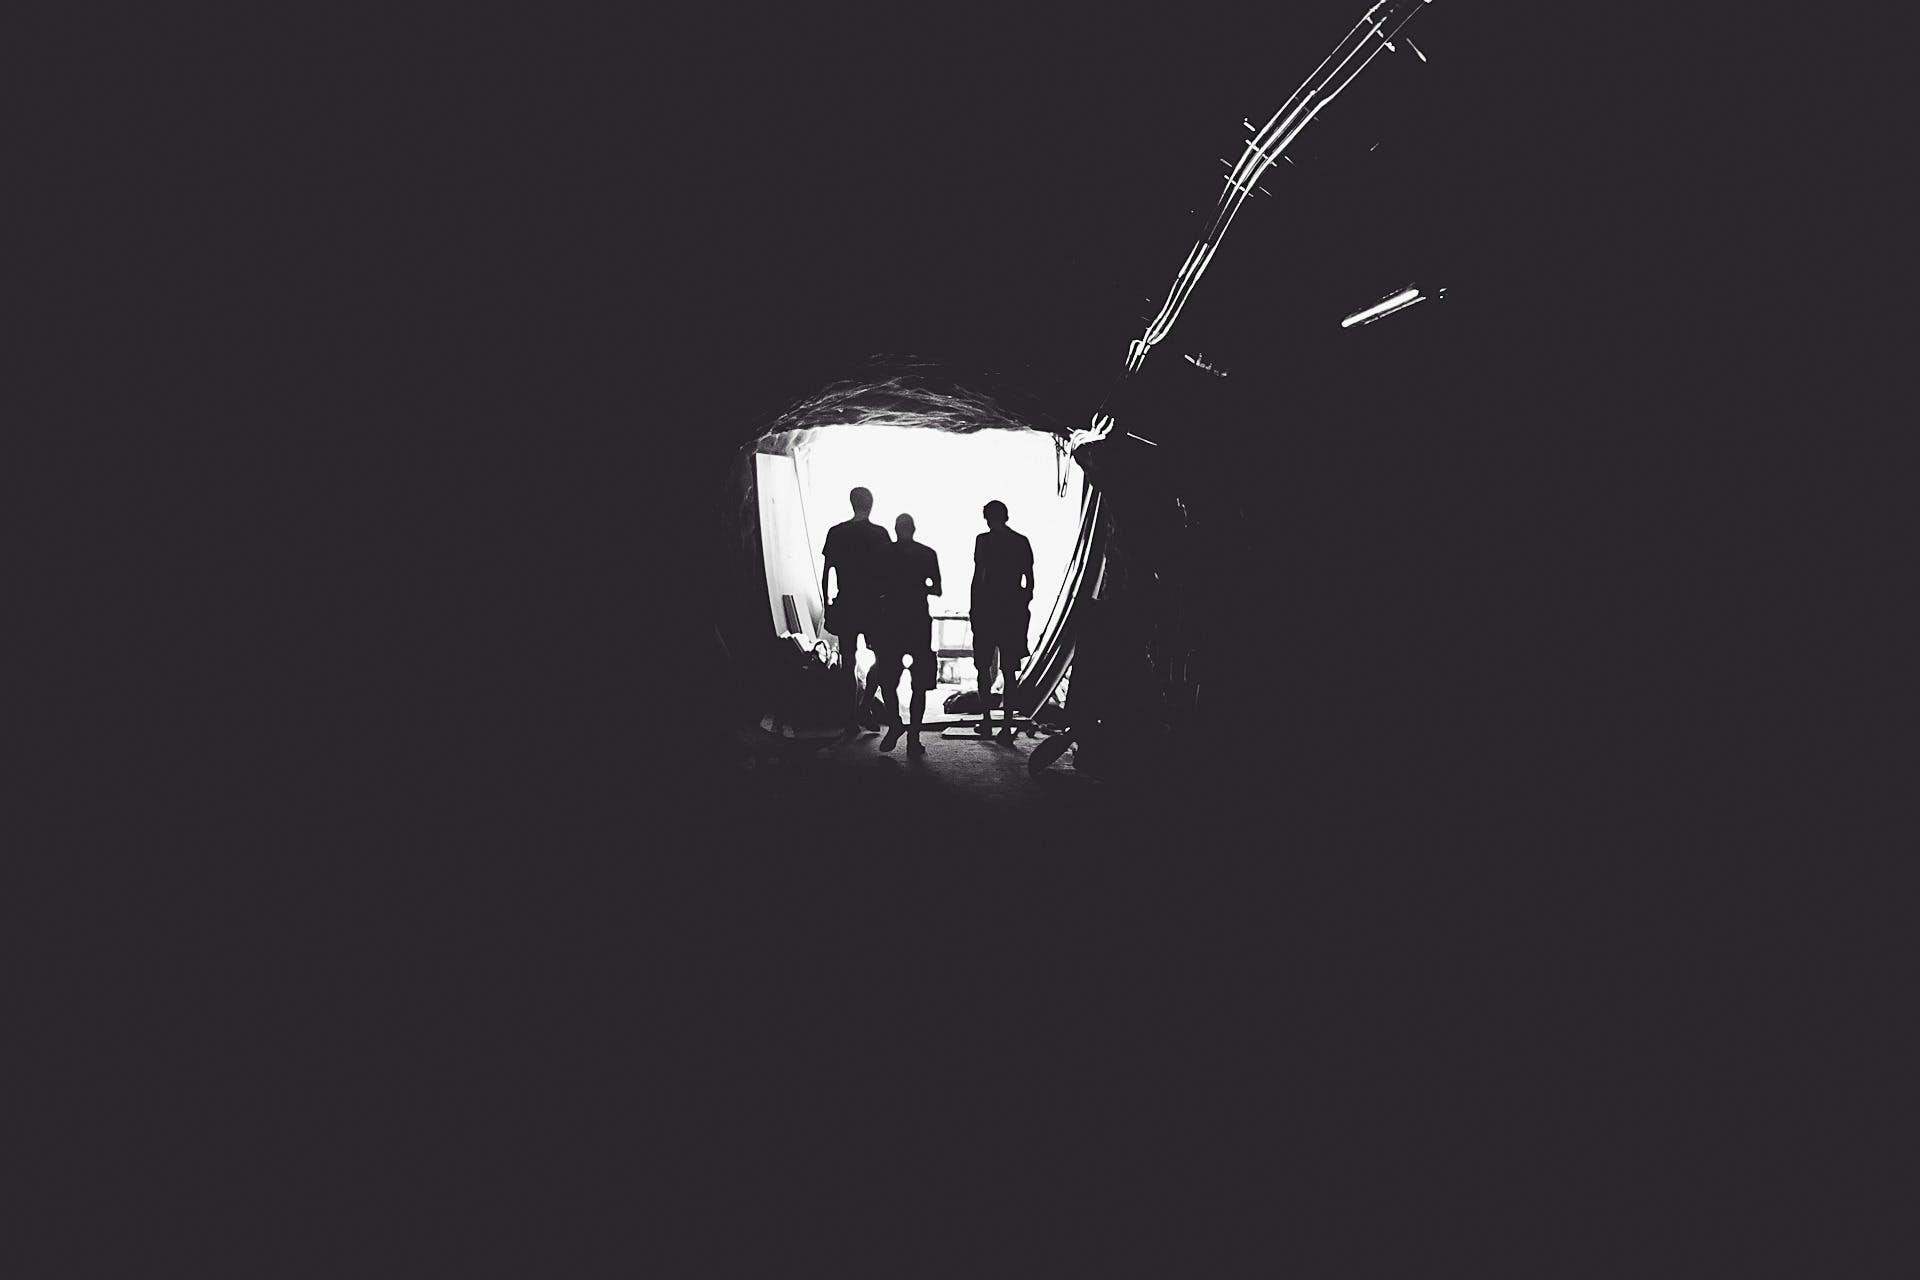 black-and-white, cave, dark